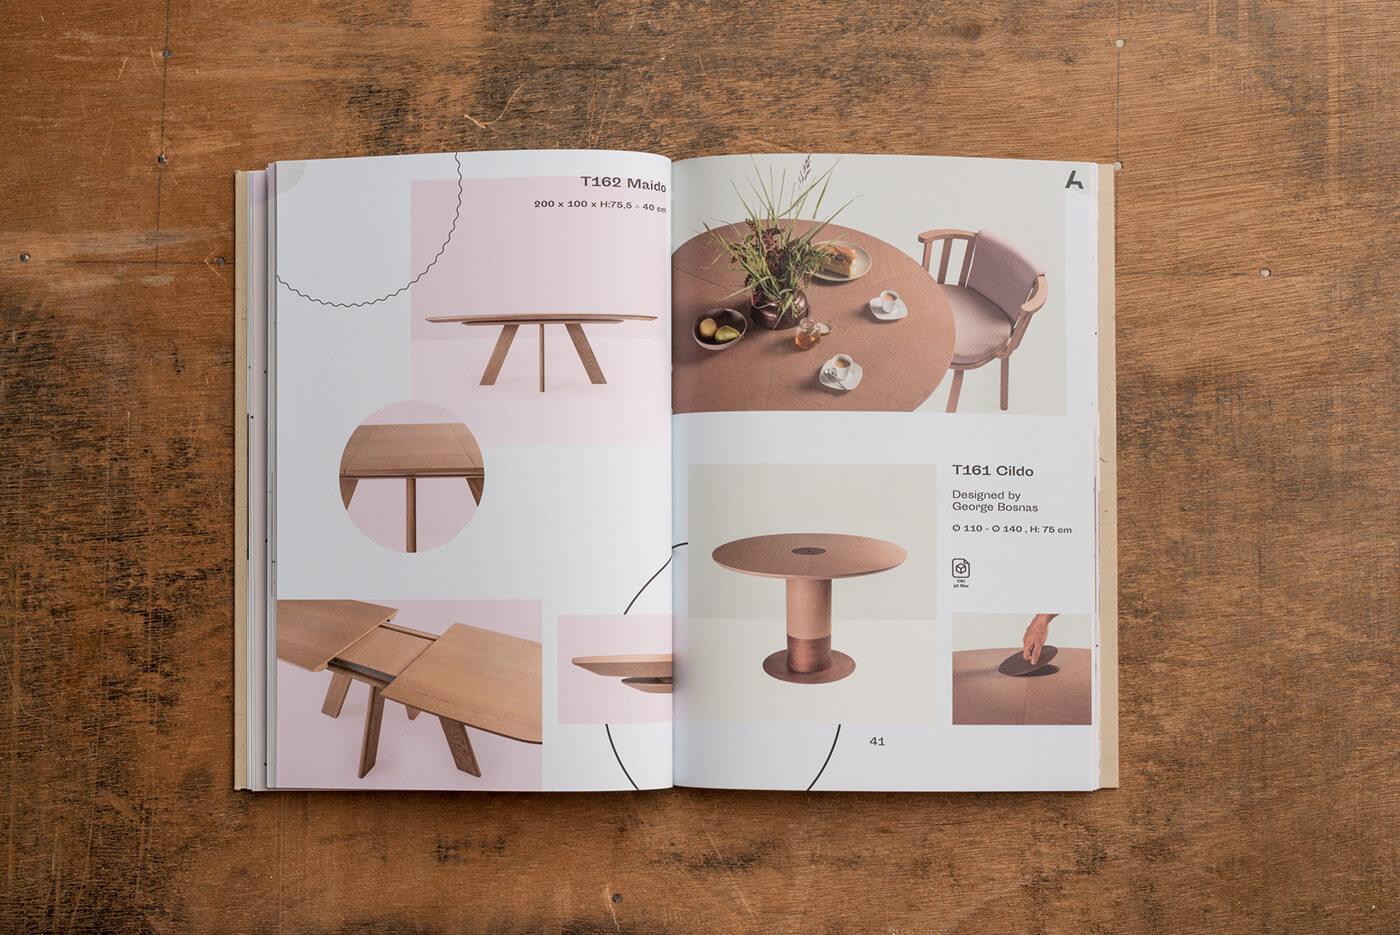 Hình ảnh là yếu tố quan trọng nhất của catalogue. Do đó thiết kế cần làm nổi bật được cái riêng và vẻ đẹp của sản phẩm trên giấy.